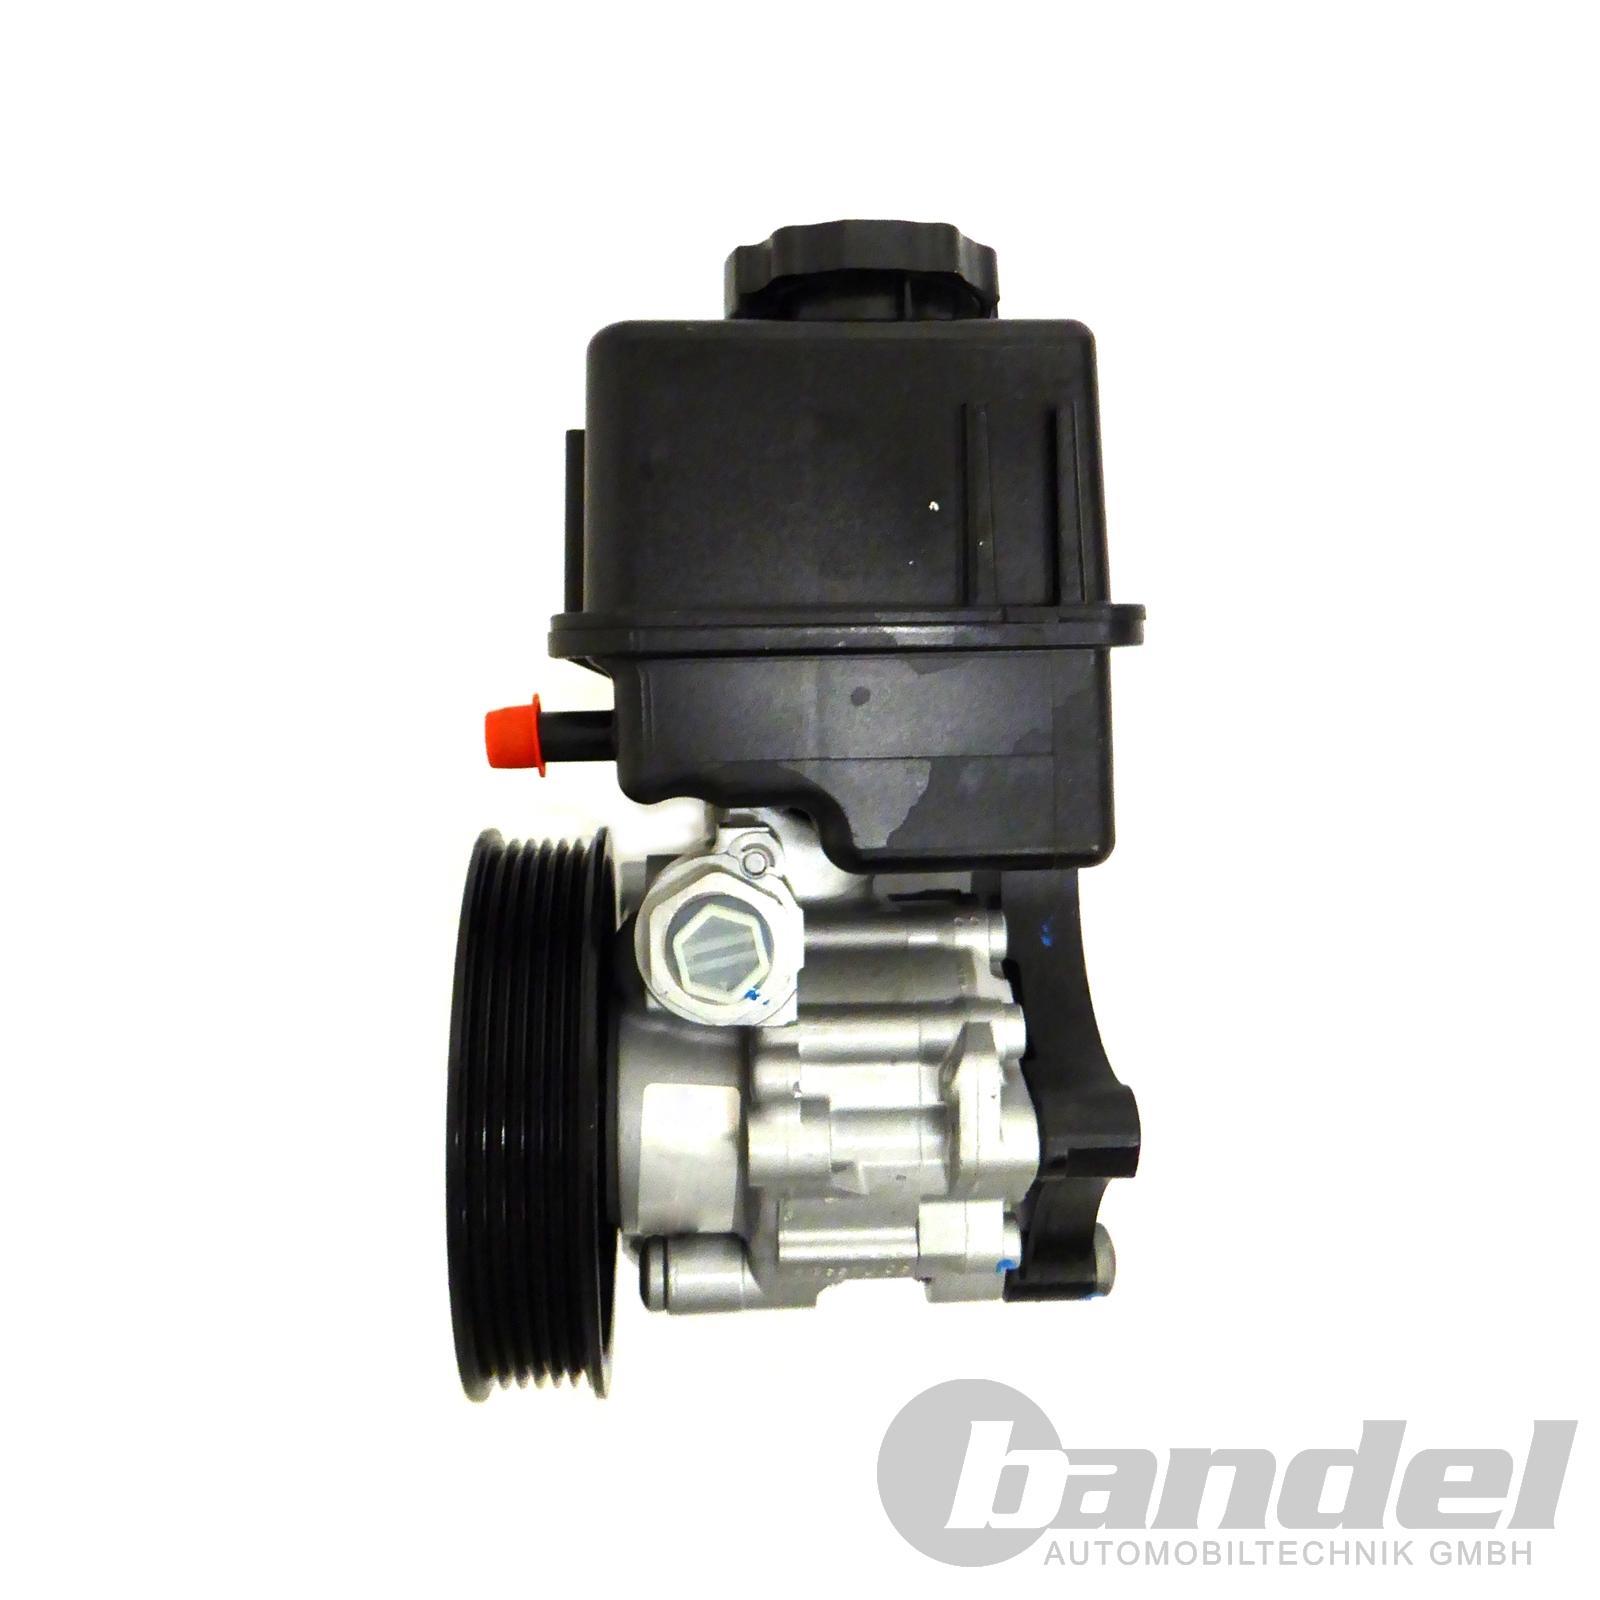 servopumpe hydraulisch mercedes benz vito w639 sprinter 906 pumpe servo ebay. Black Bedroom Furniture Sets. Home Design Ideas